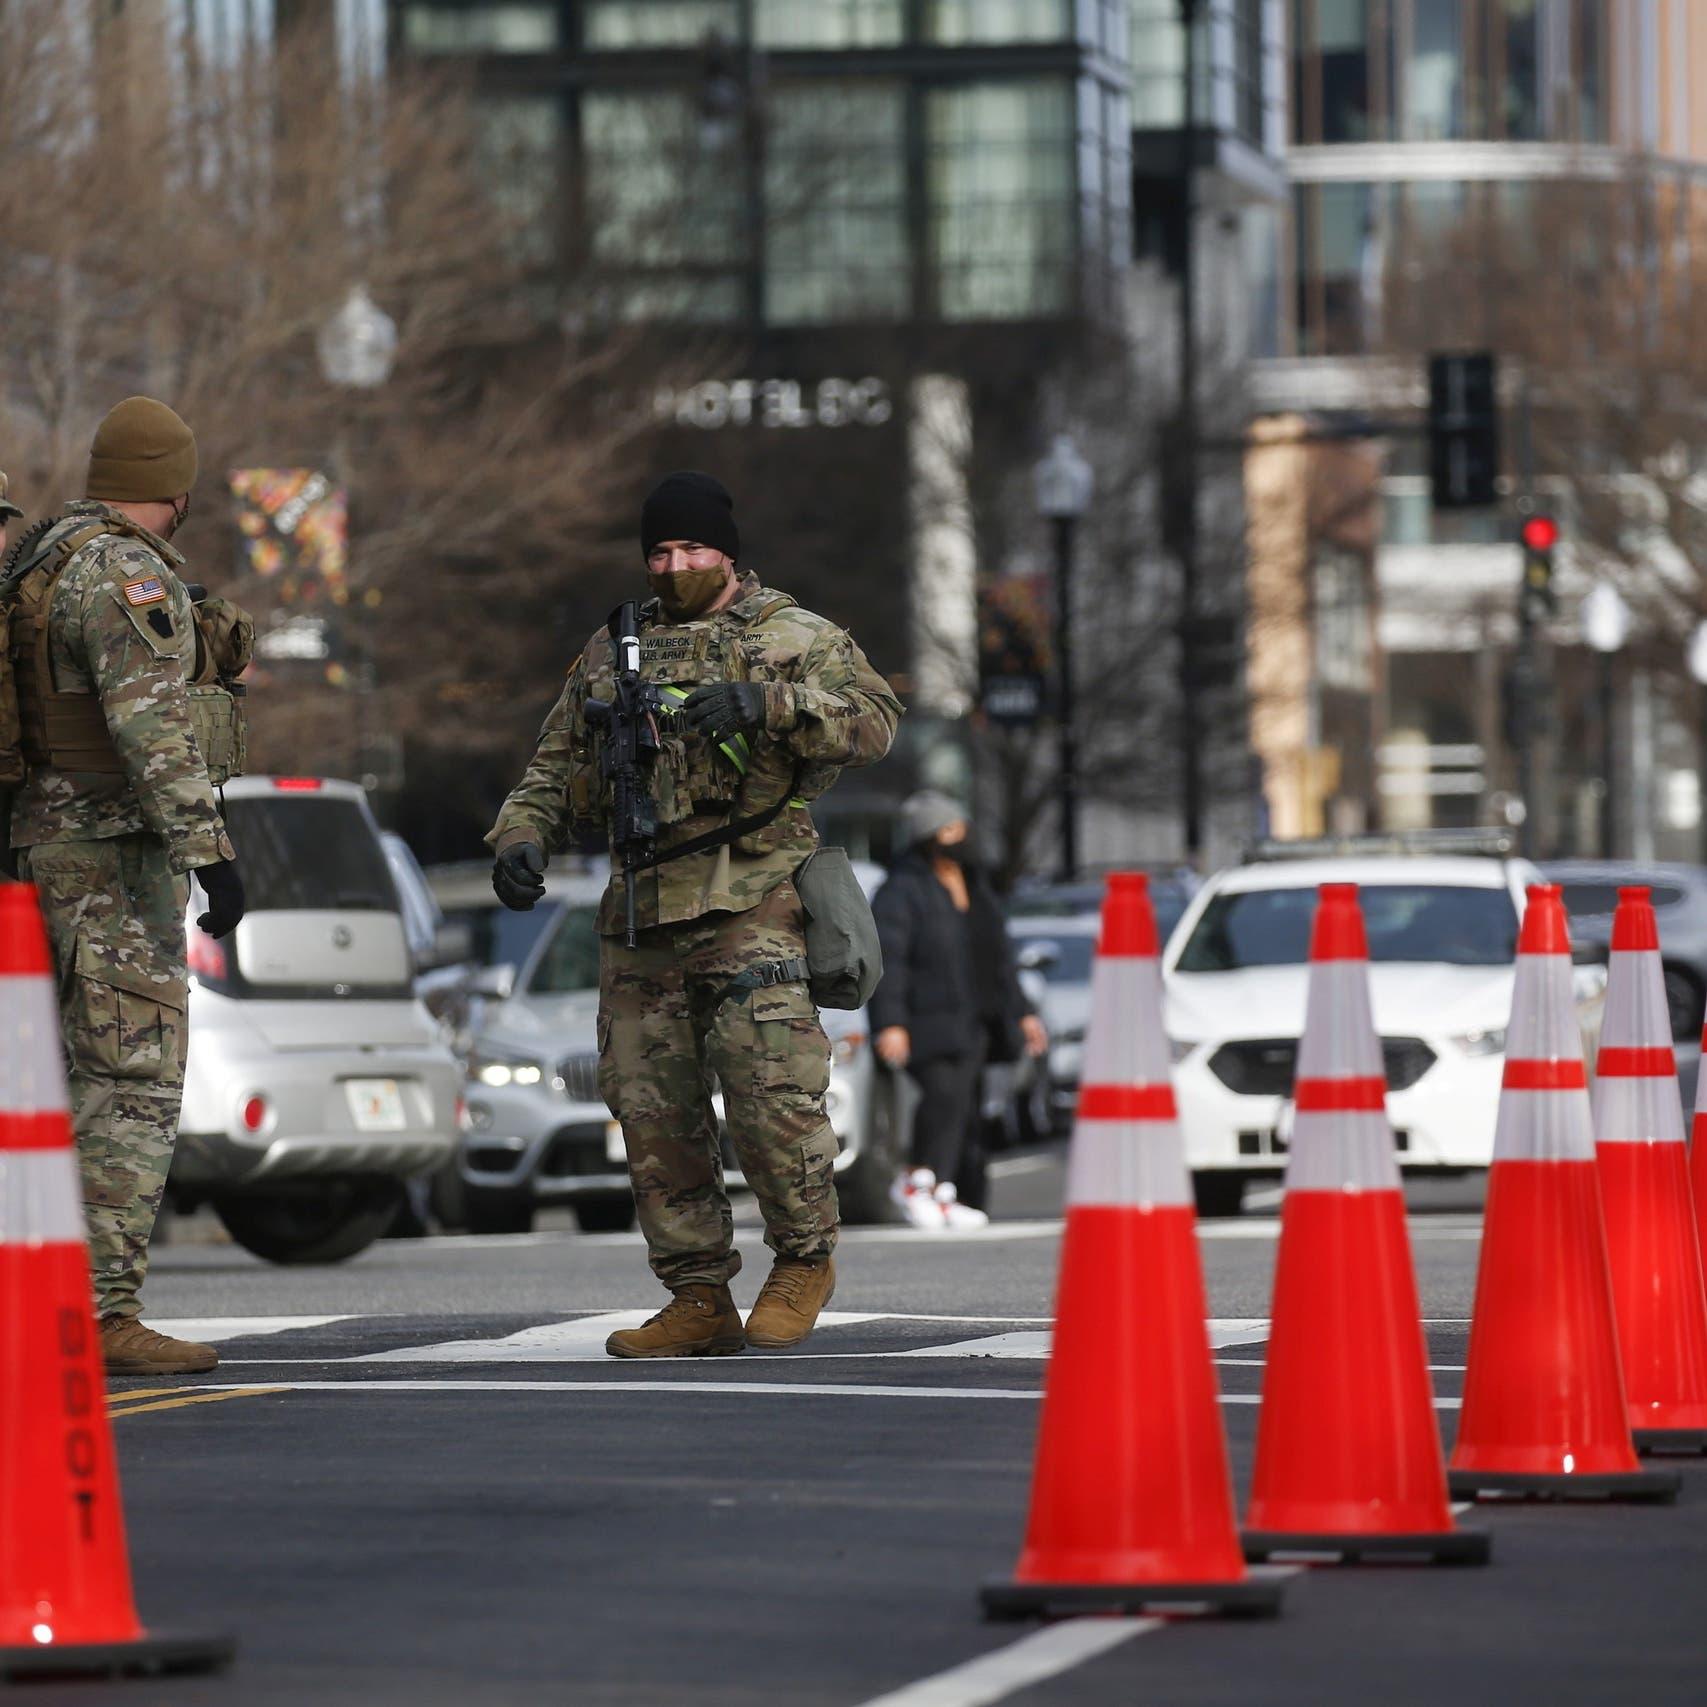 مدن أميركية كبرى تتأهب لاحتجاجات مسلحة مع قرب يوم التنصيب